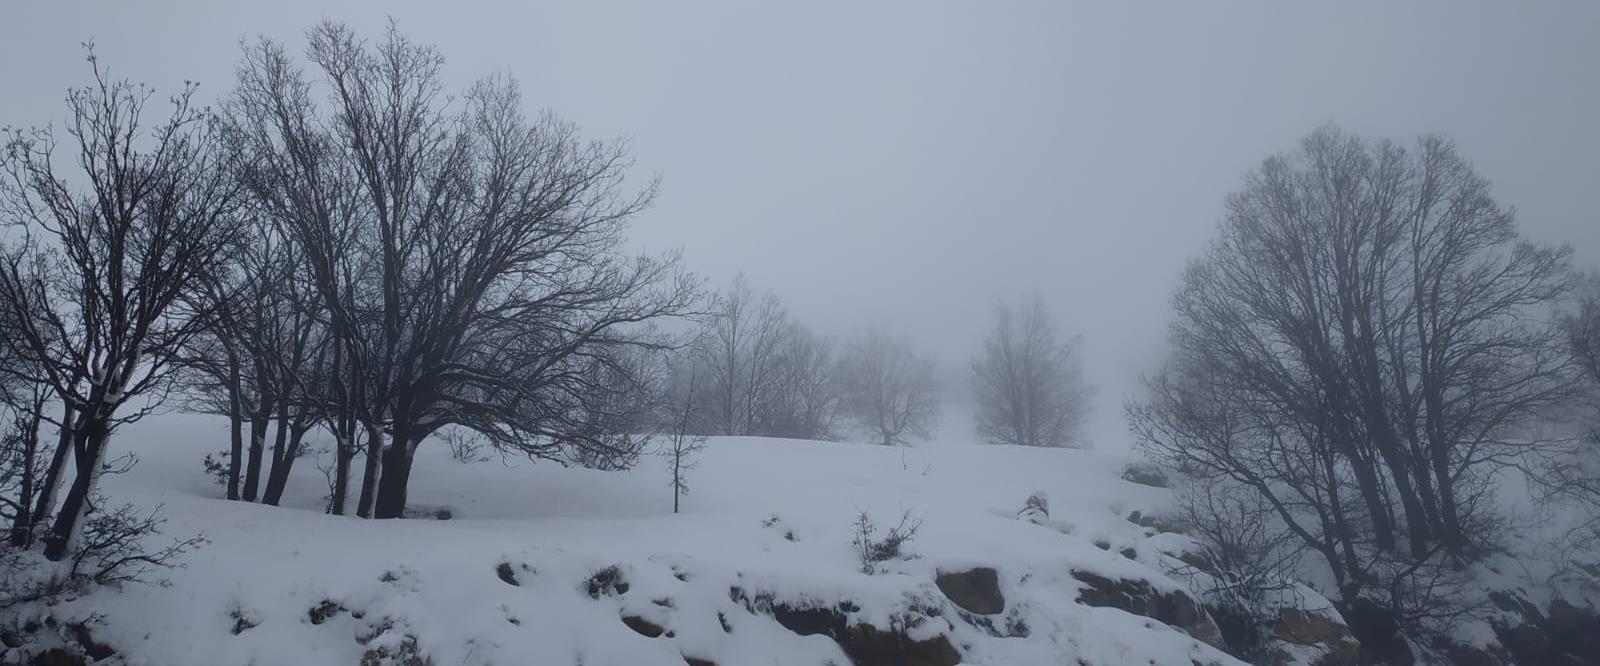 שלג בחרמון, ארכיון